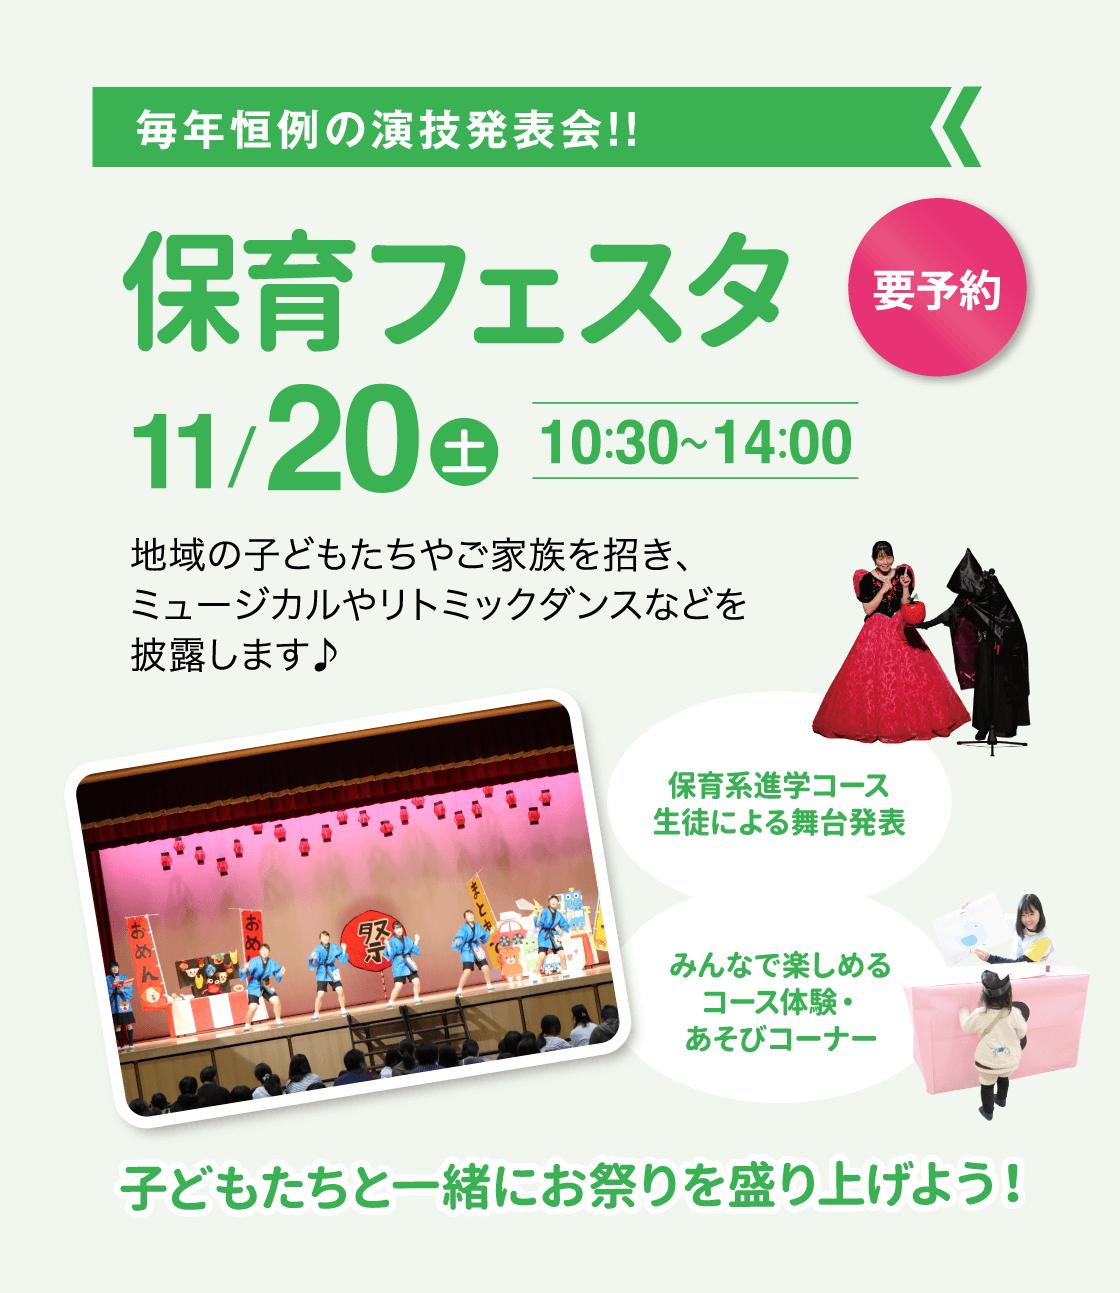 毎年恒例の演技発表会!!保育フェスタ11/20(土)10:30〜14:00